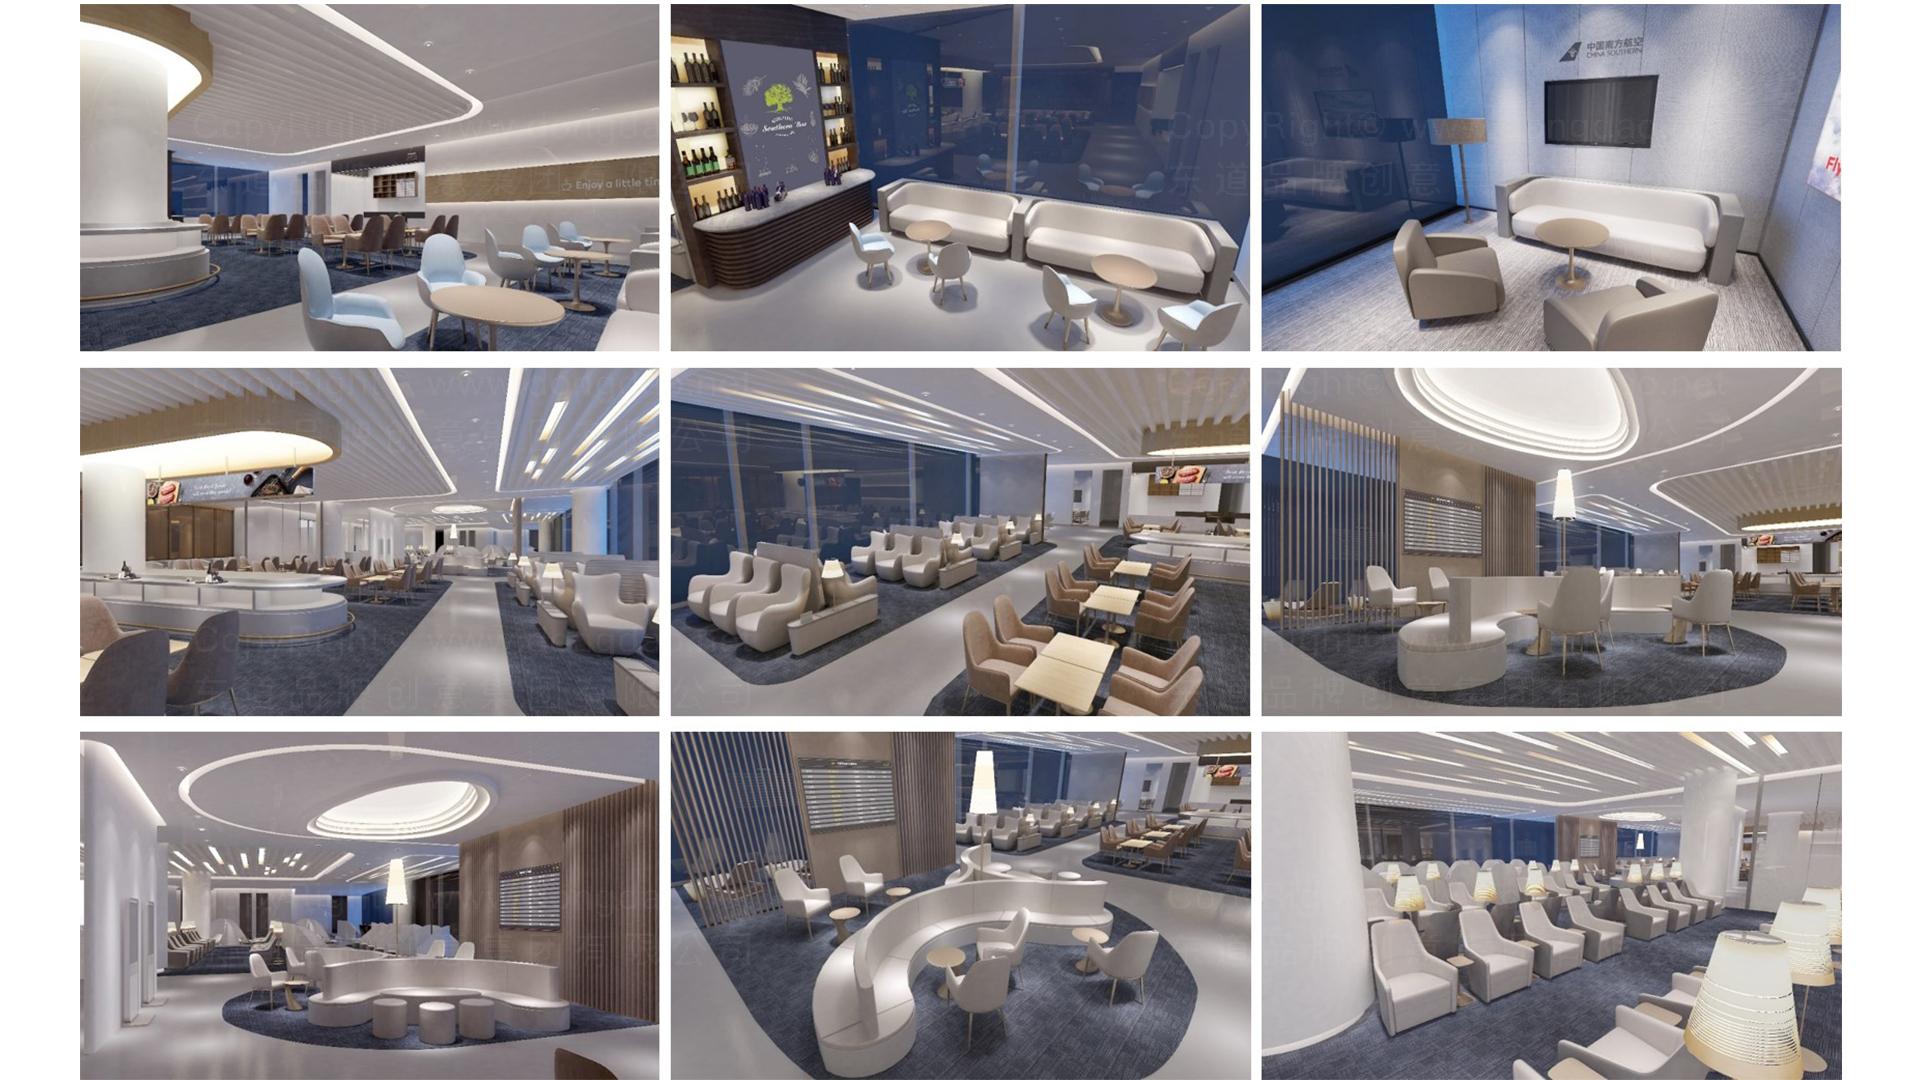 商业空间&导示南方航空南航上海浦东机场 S2 卫星听高端旅客休息室 SI应用场景_9